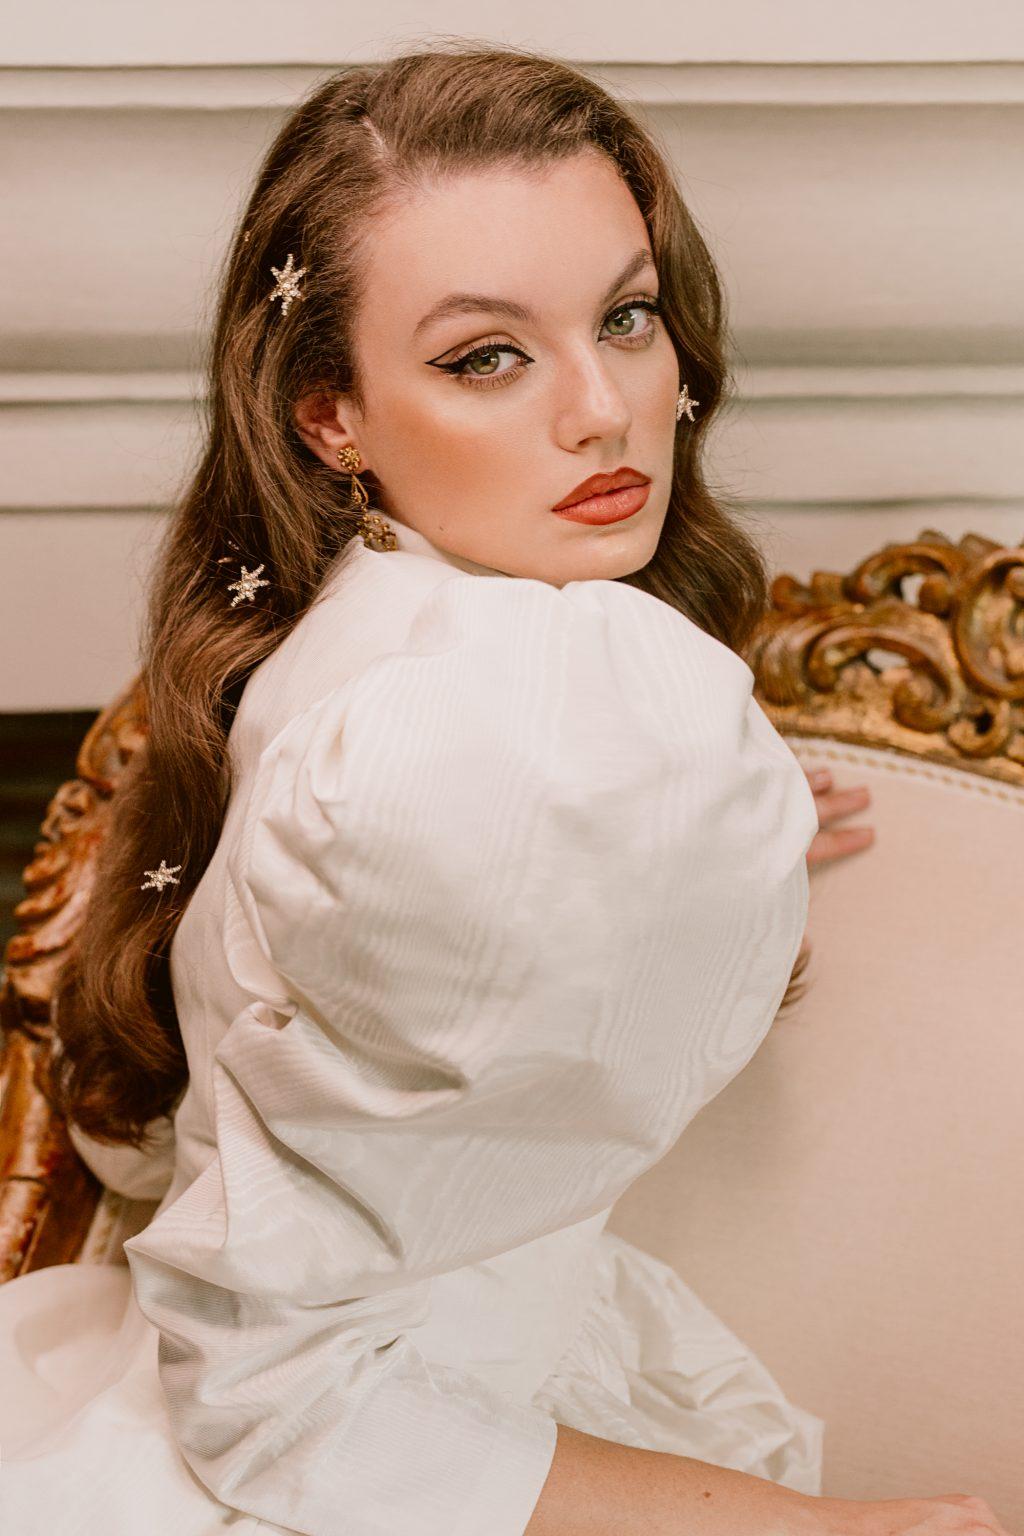 tendencias en maquillaje de novia 2020 6 - Propuestas para el Maquillaje y Peinado de Novias 2020